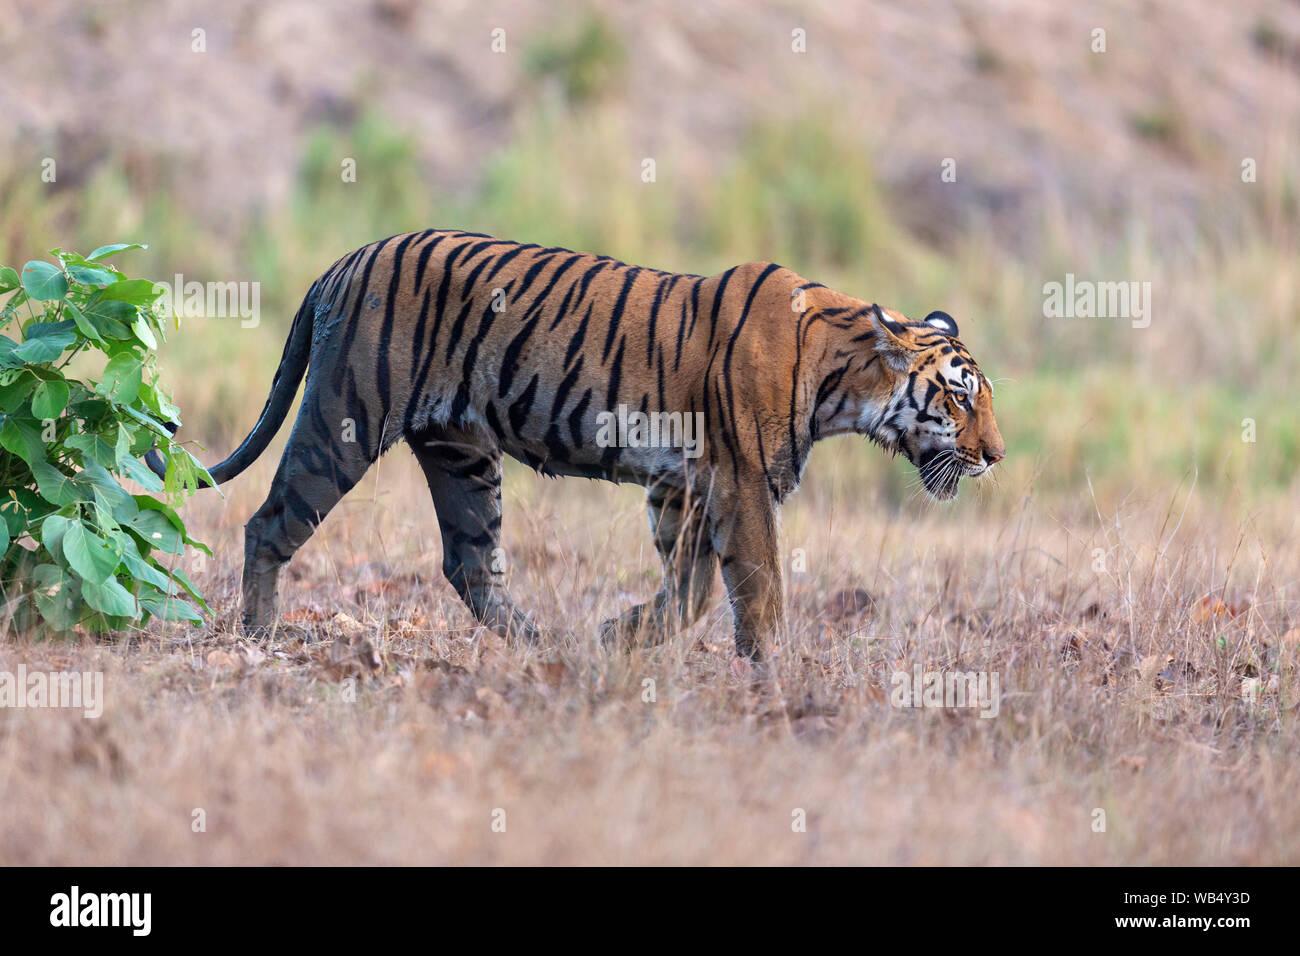 Wild Royal Bengal Tiger or Panthera Tigris Tigris roaming in